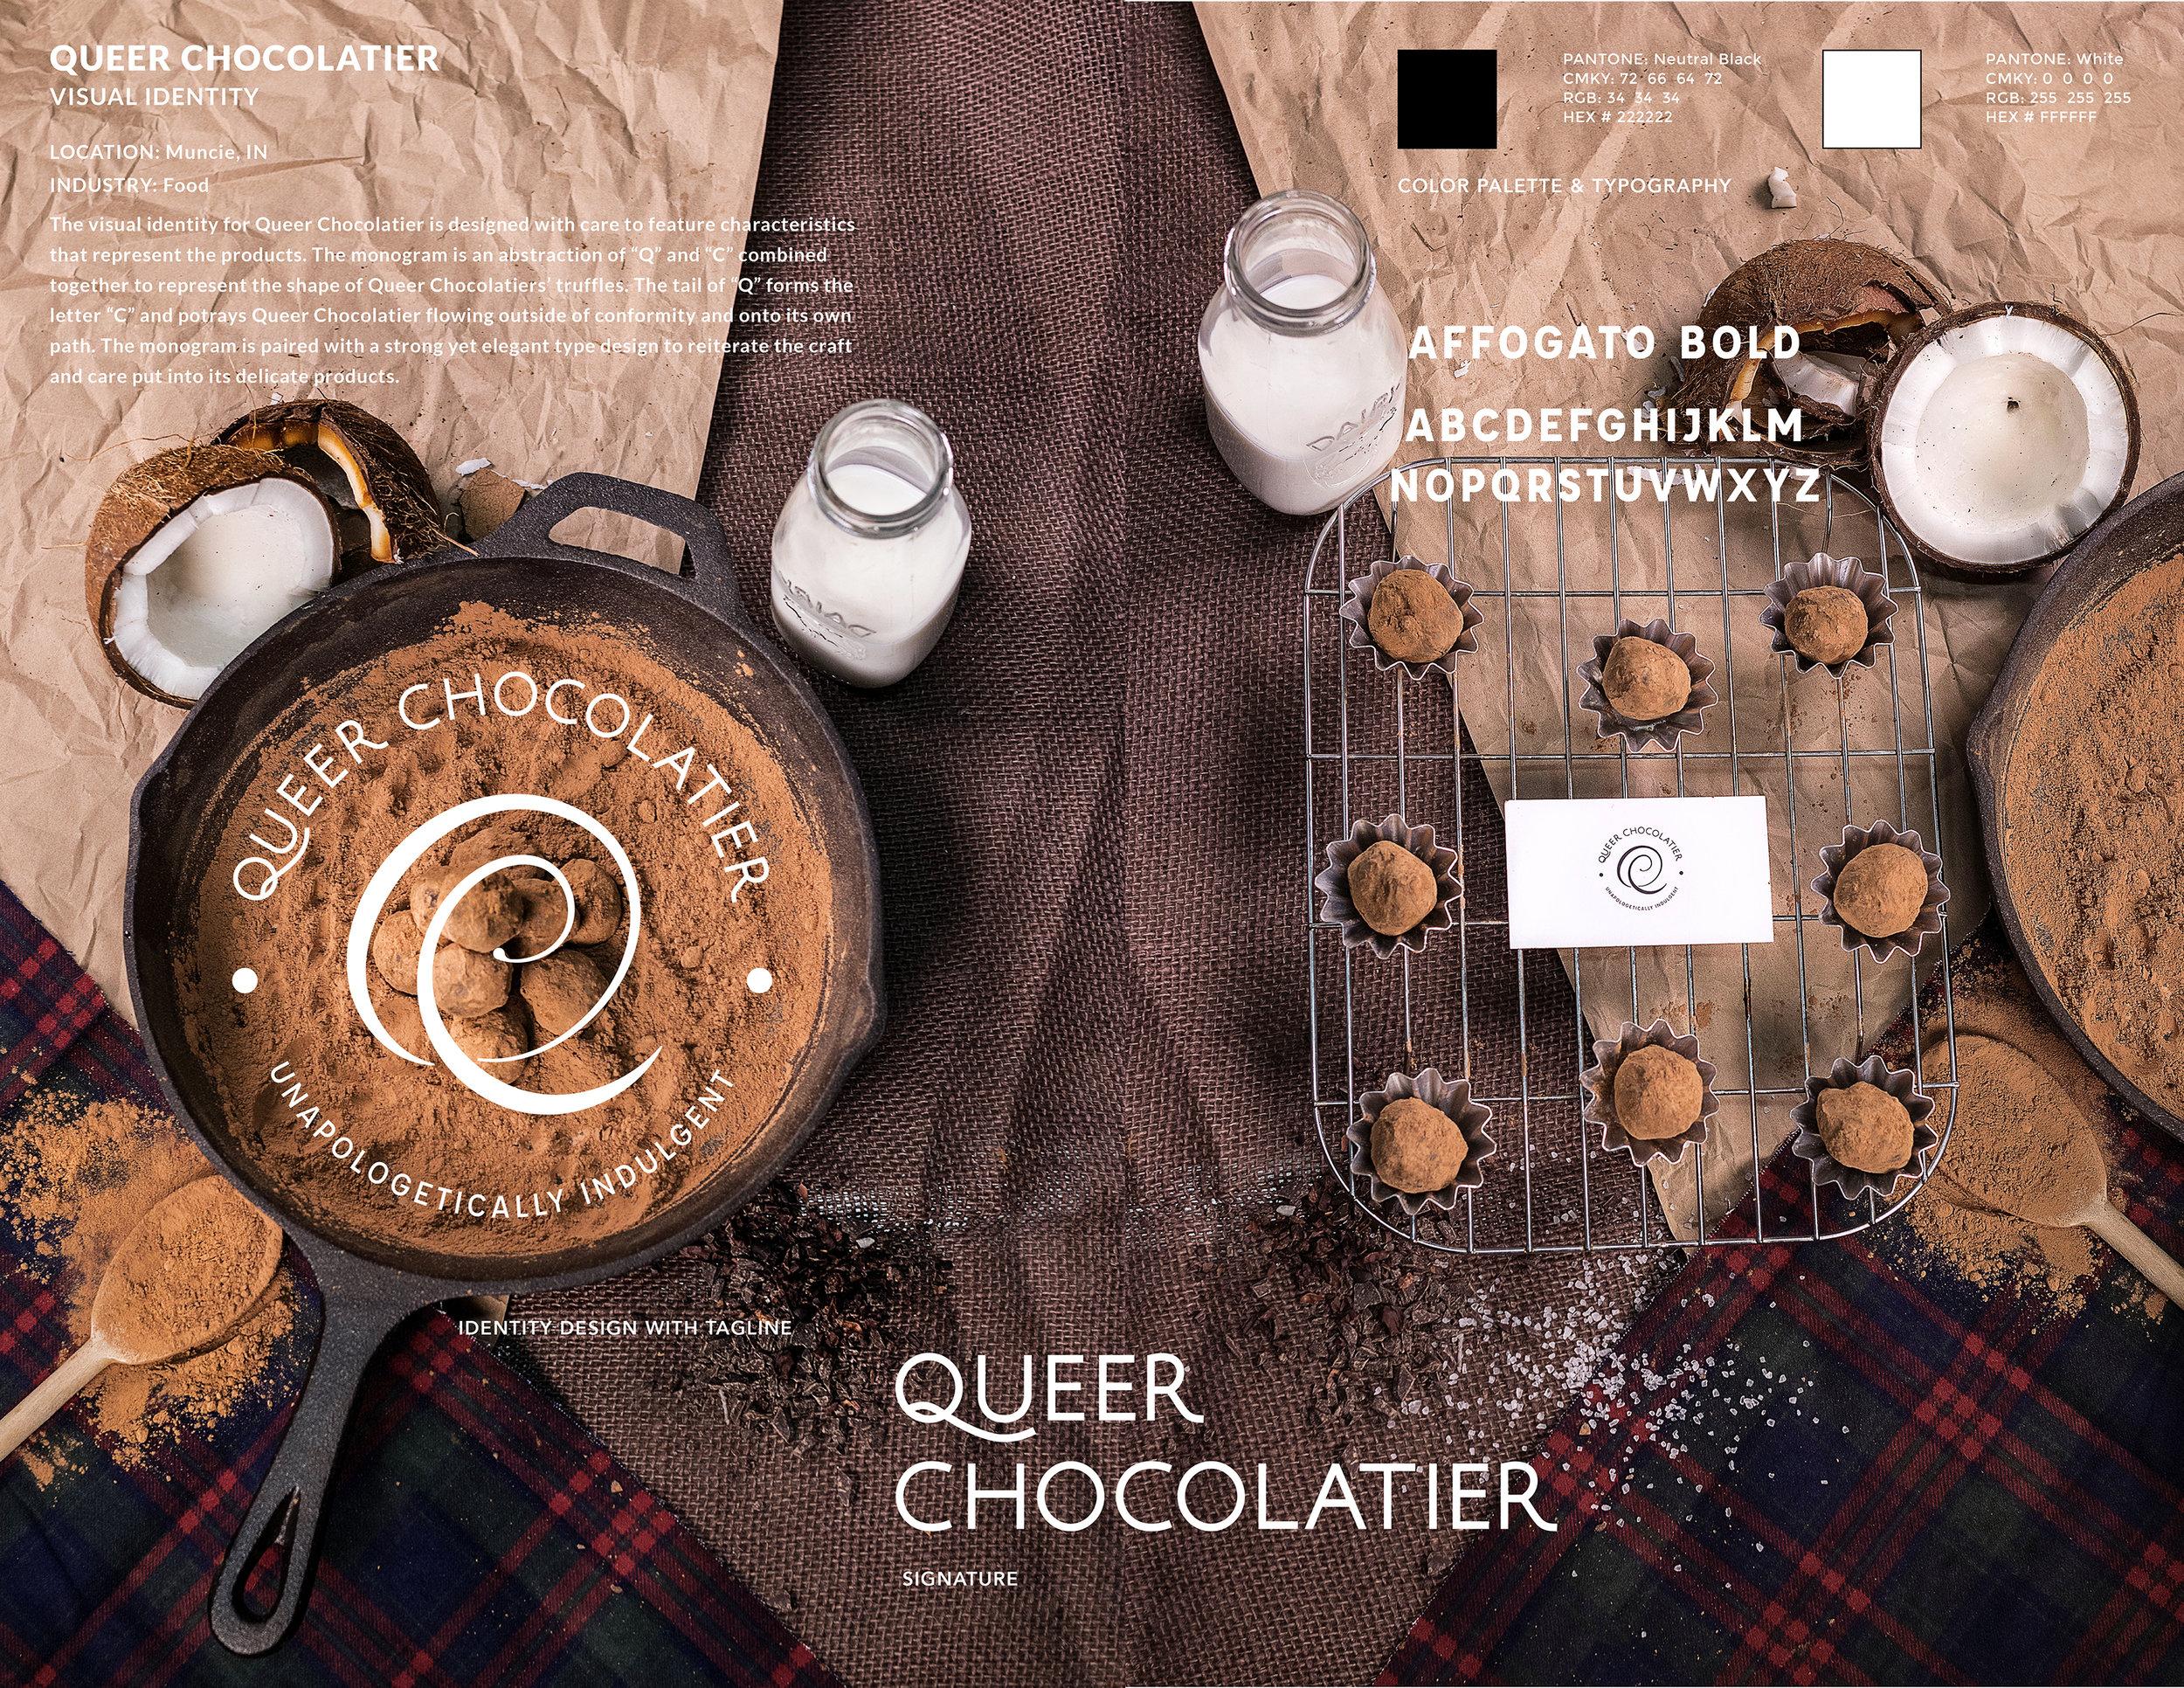 Queer Chocolatier Identity-09.jpg